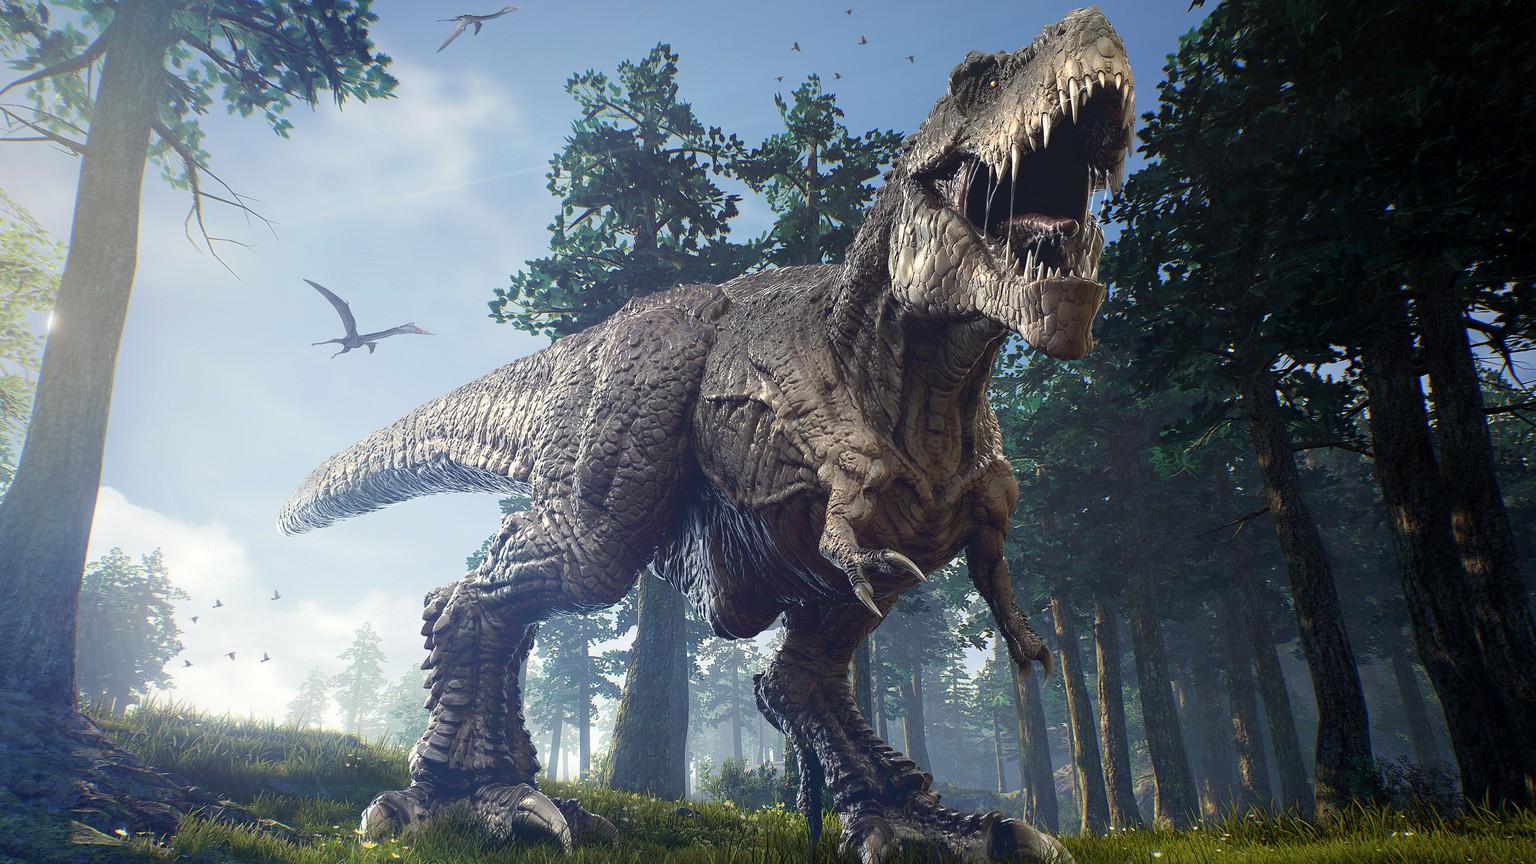 die dinosaurier lebten auf der anderen seite der